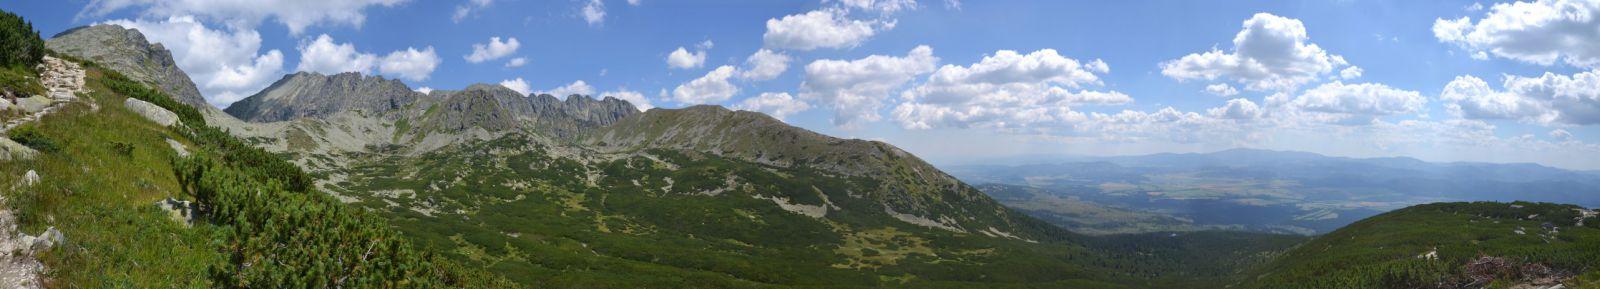 13 08 03 12.54.45 Panorama cestou z Kriváně